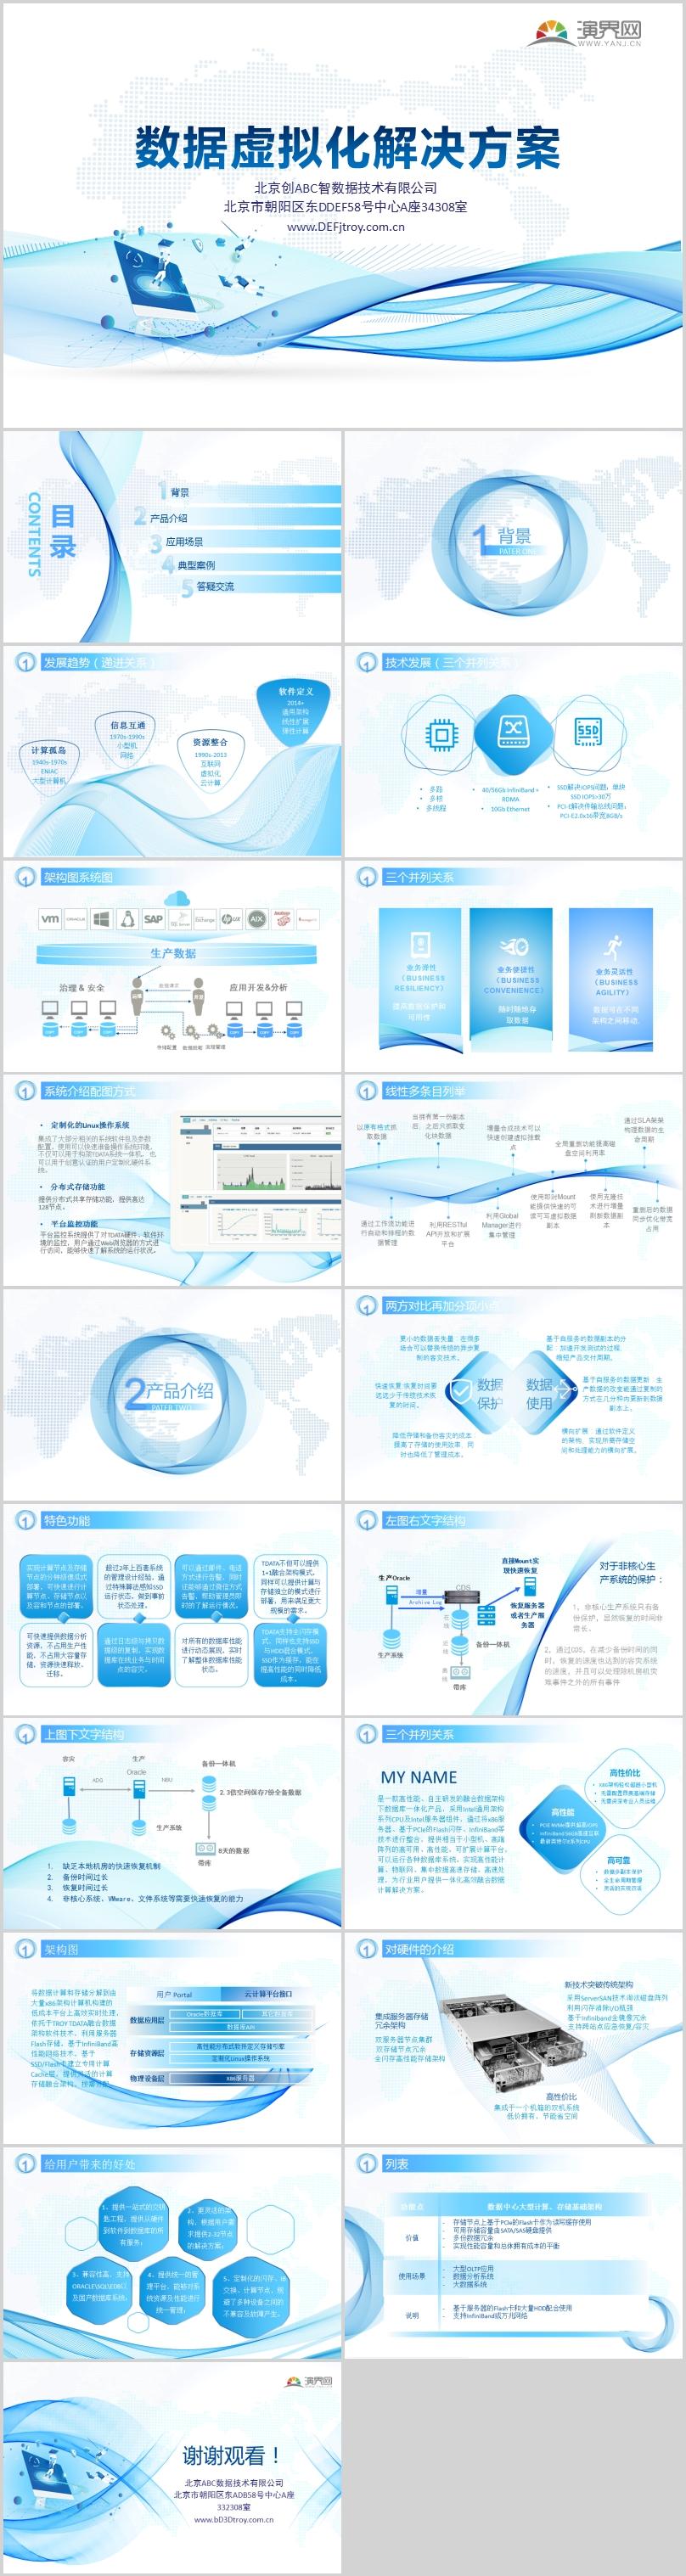 数据虚拟化解决方案模板